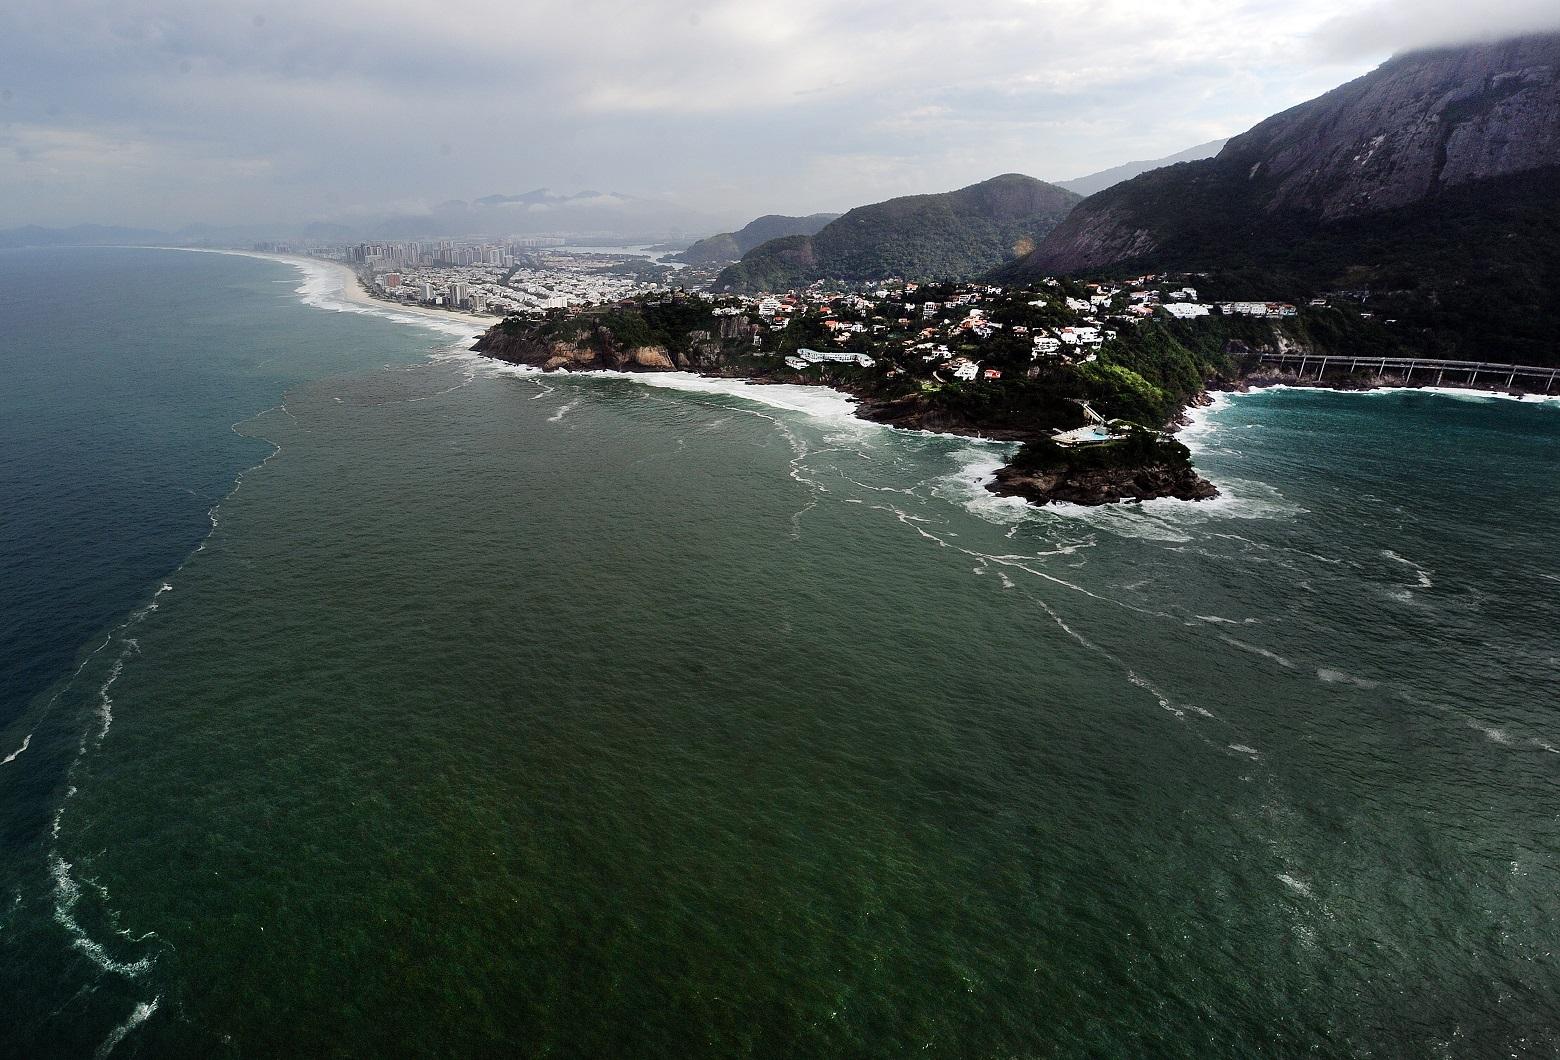 Vista área do vazamento de esgoto nas praias da Barra e de São Conrado. Foto Antonio Scorza/AFP